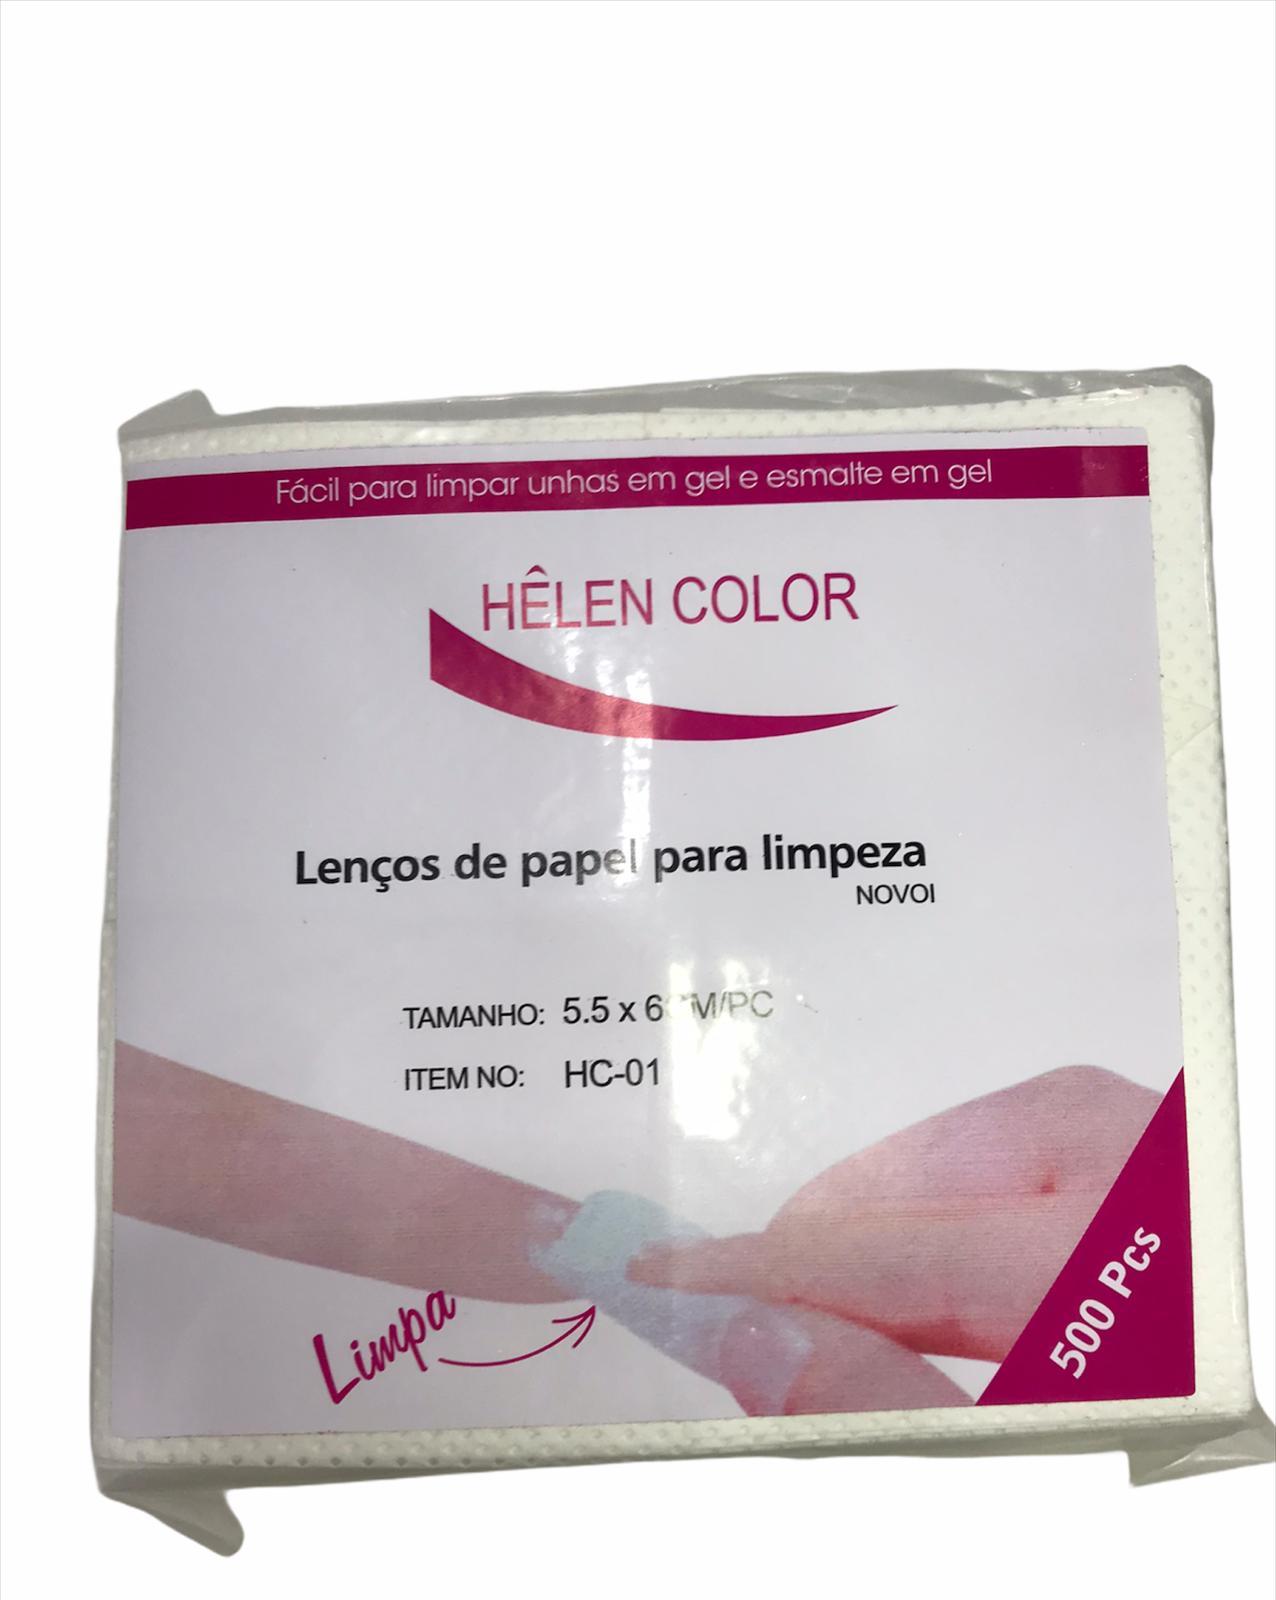 Lenços de Papel Limpeza Limpa Fácil - Helen Color